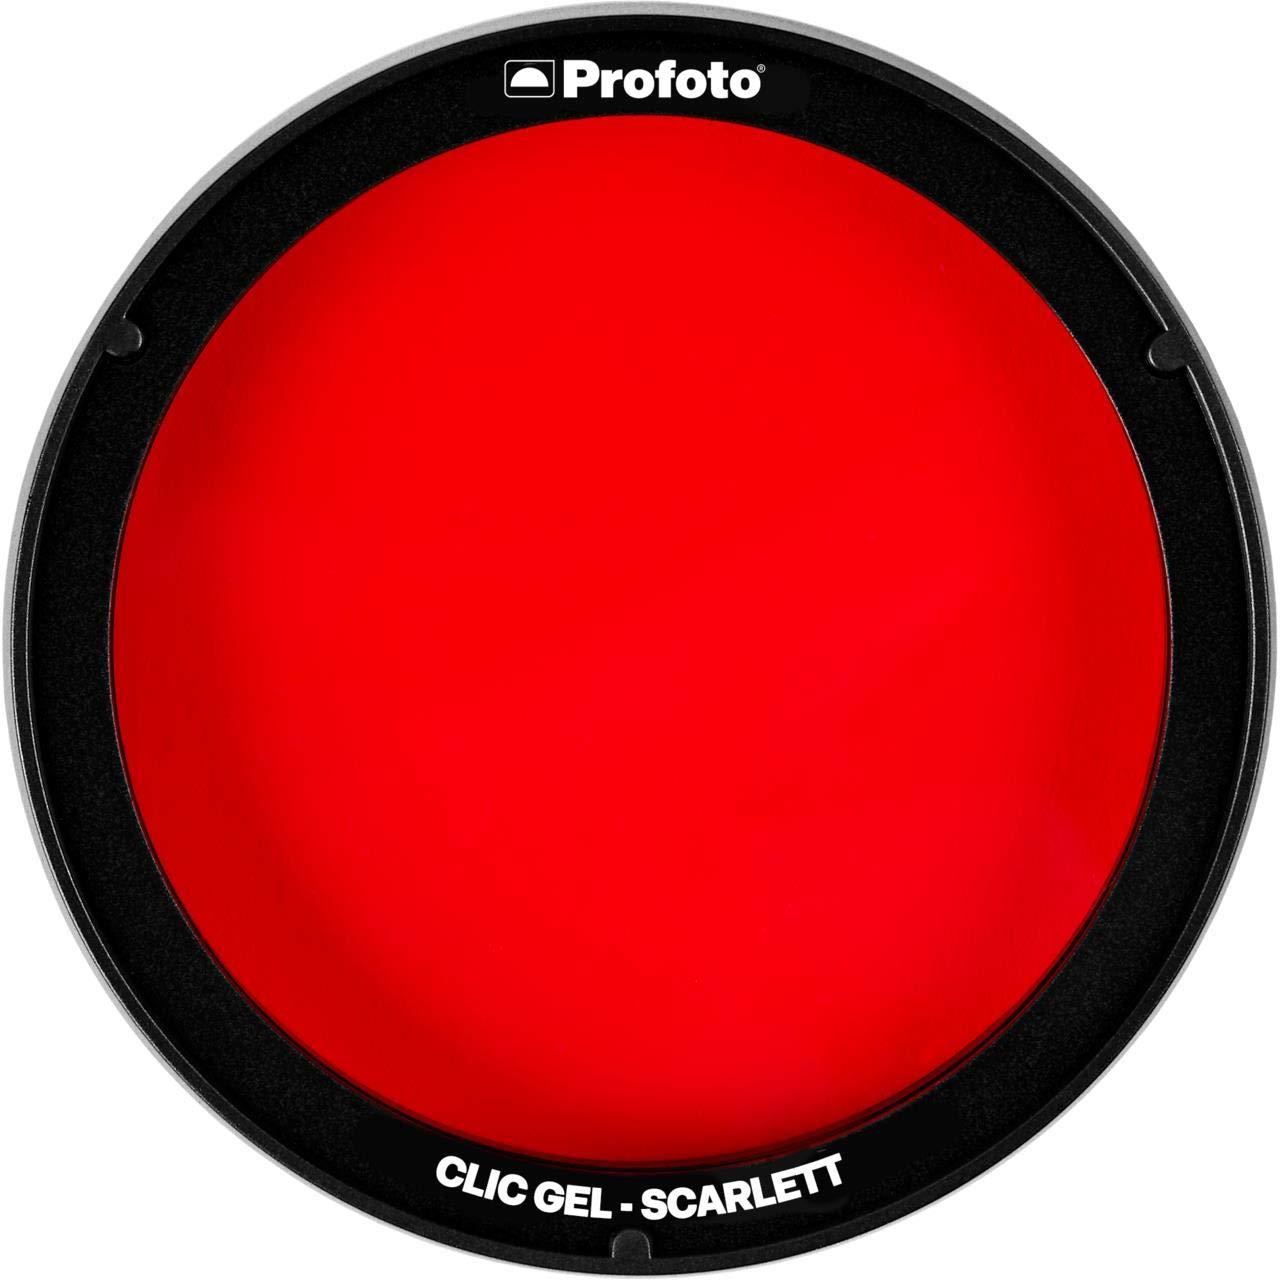 Clic Gel-Scarlet by Profoto